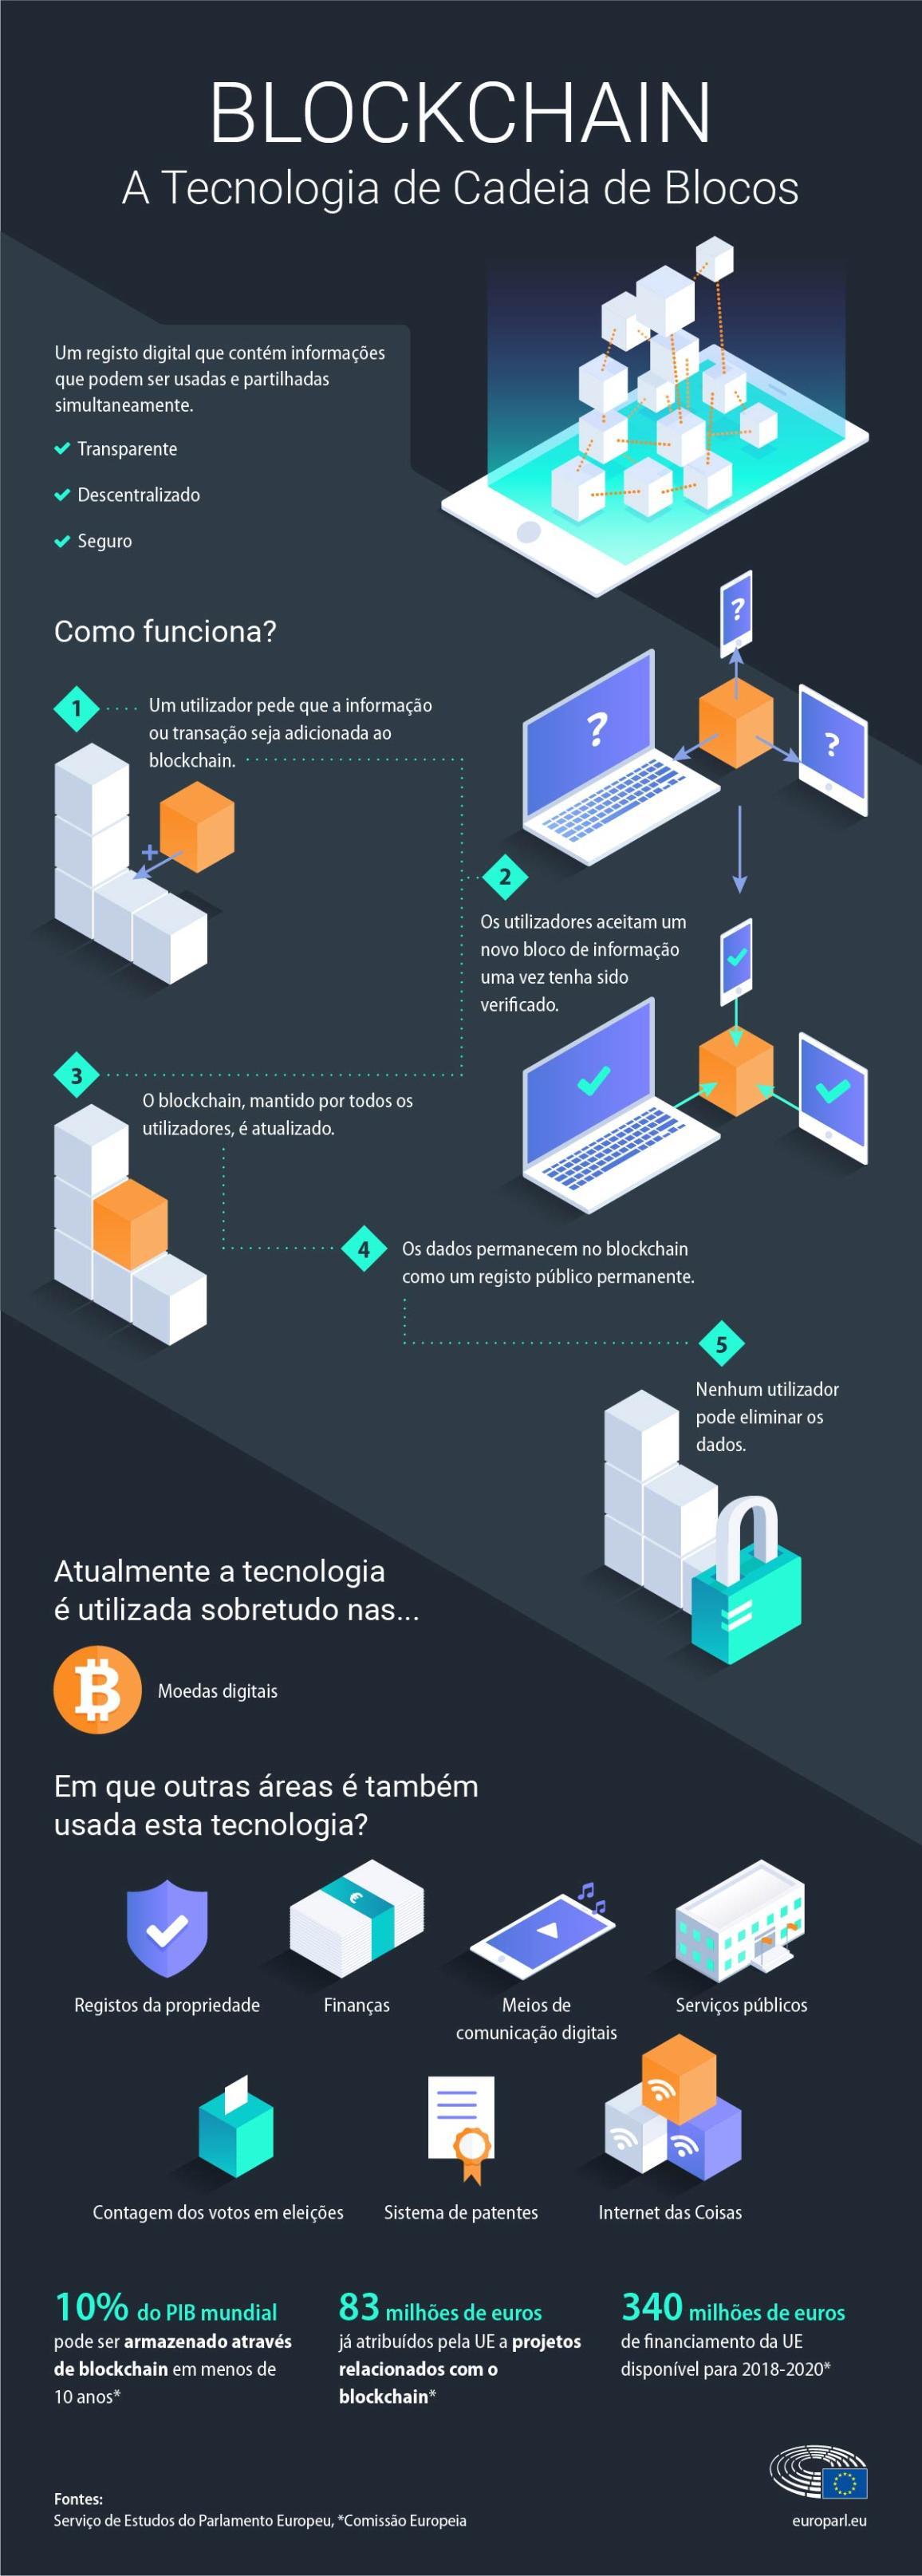 Infografia: definição, descrição e utilizações da tecnologia blockchain